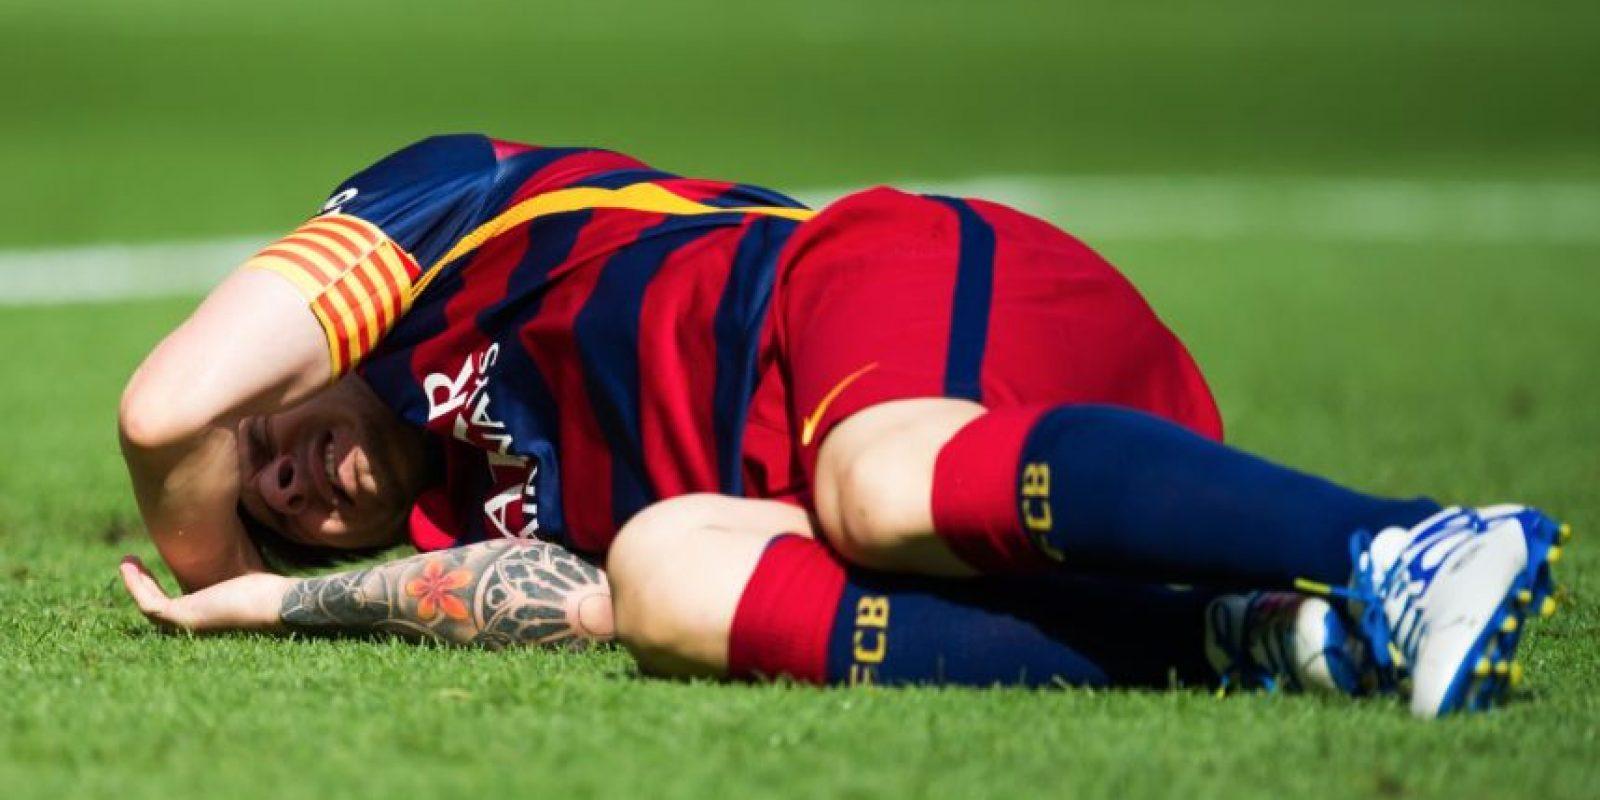 """El doctor Vicente Concejero, jefe de la Unidad de Rodilla de la Clínica CEMTRO de Madrid, comentó que este tipo de lesión """"normalmente no deja secuelas porque es una lesión aislada y frecuente en el fútbol"""". Foto:Getty Images"""